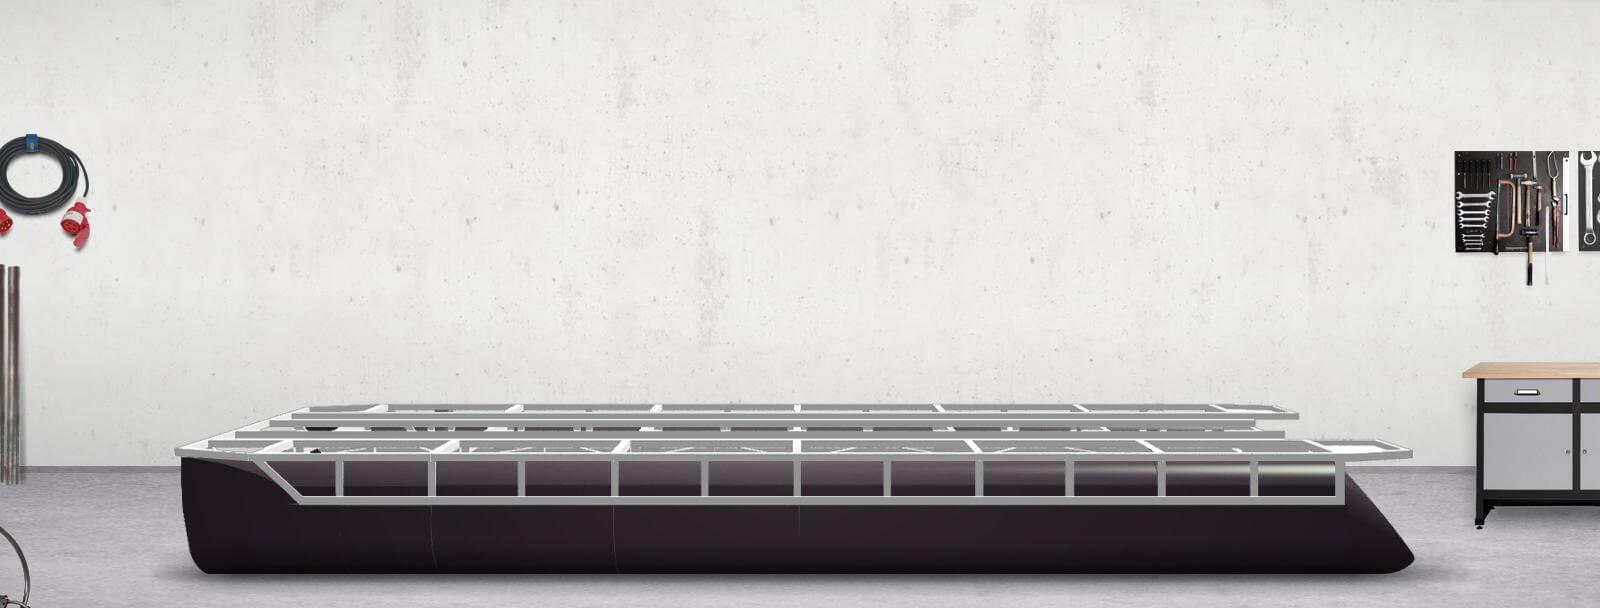 pontoon tubes + support frame